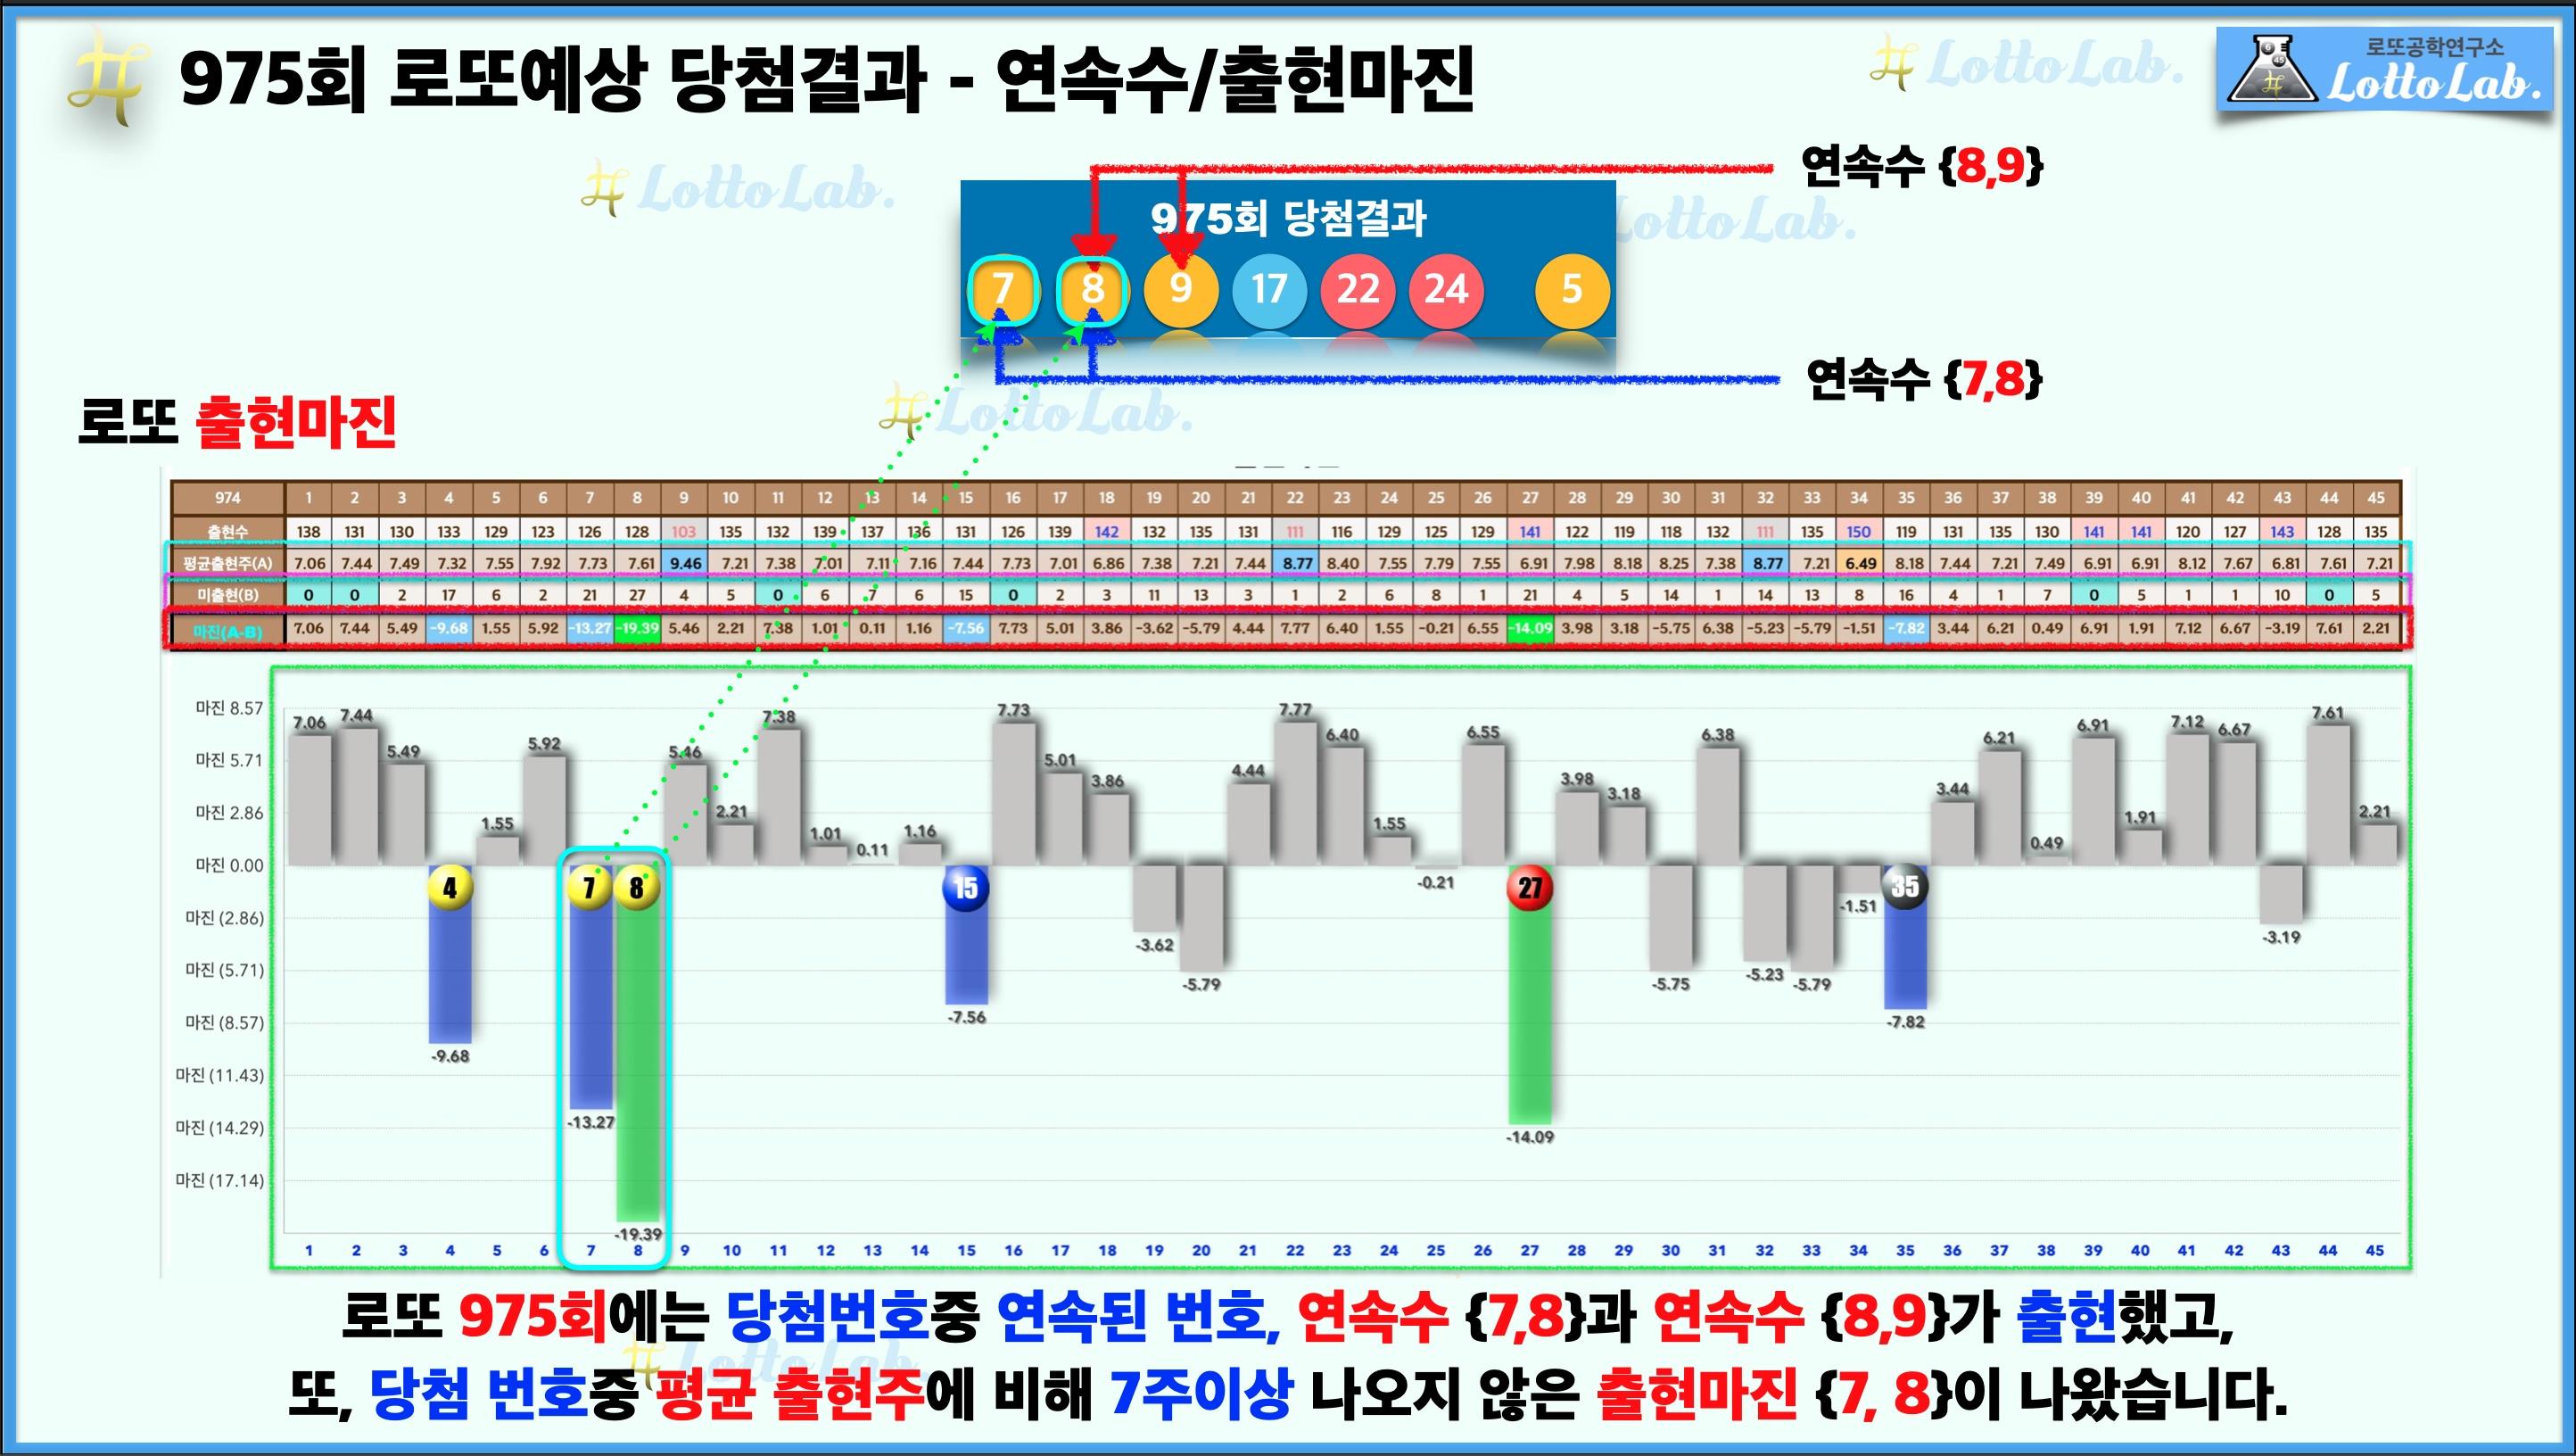 로또랩 로또975 예상결과 - 연속수 출현마진